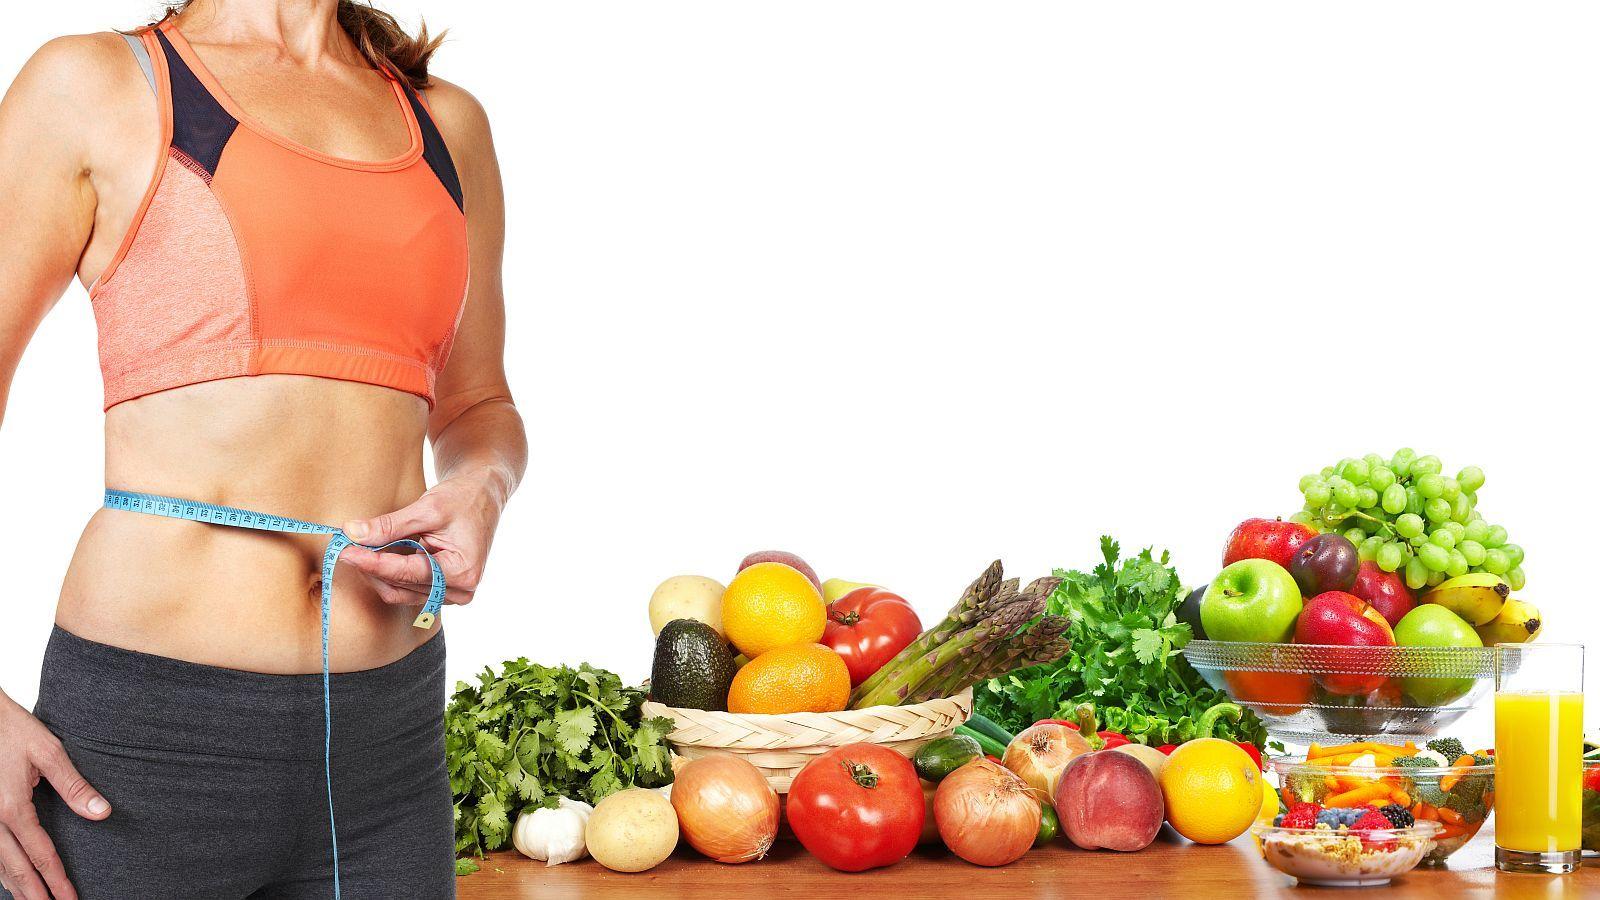 Похудеть По Программе Здоровье. Программы Елены Малышевой: как худеть здорово